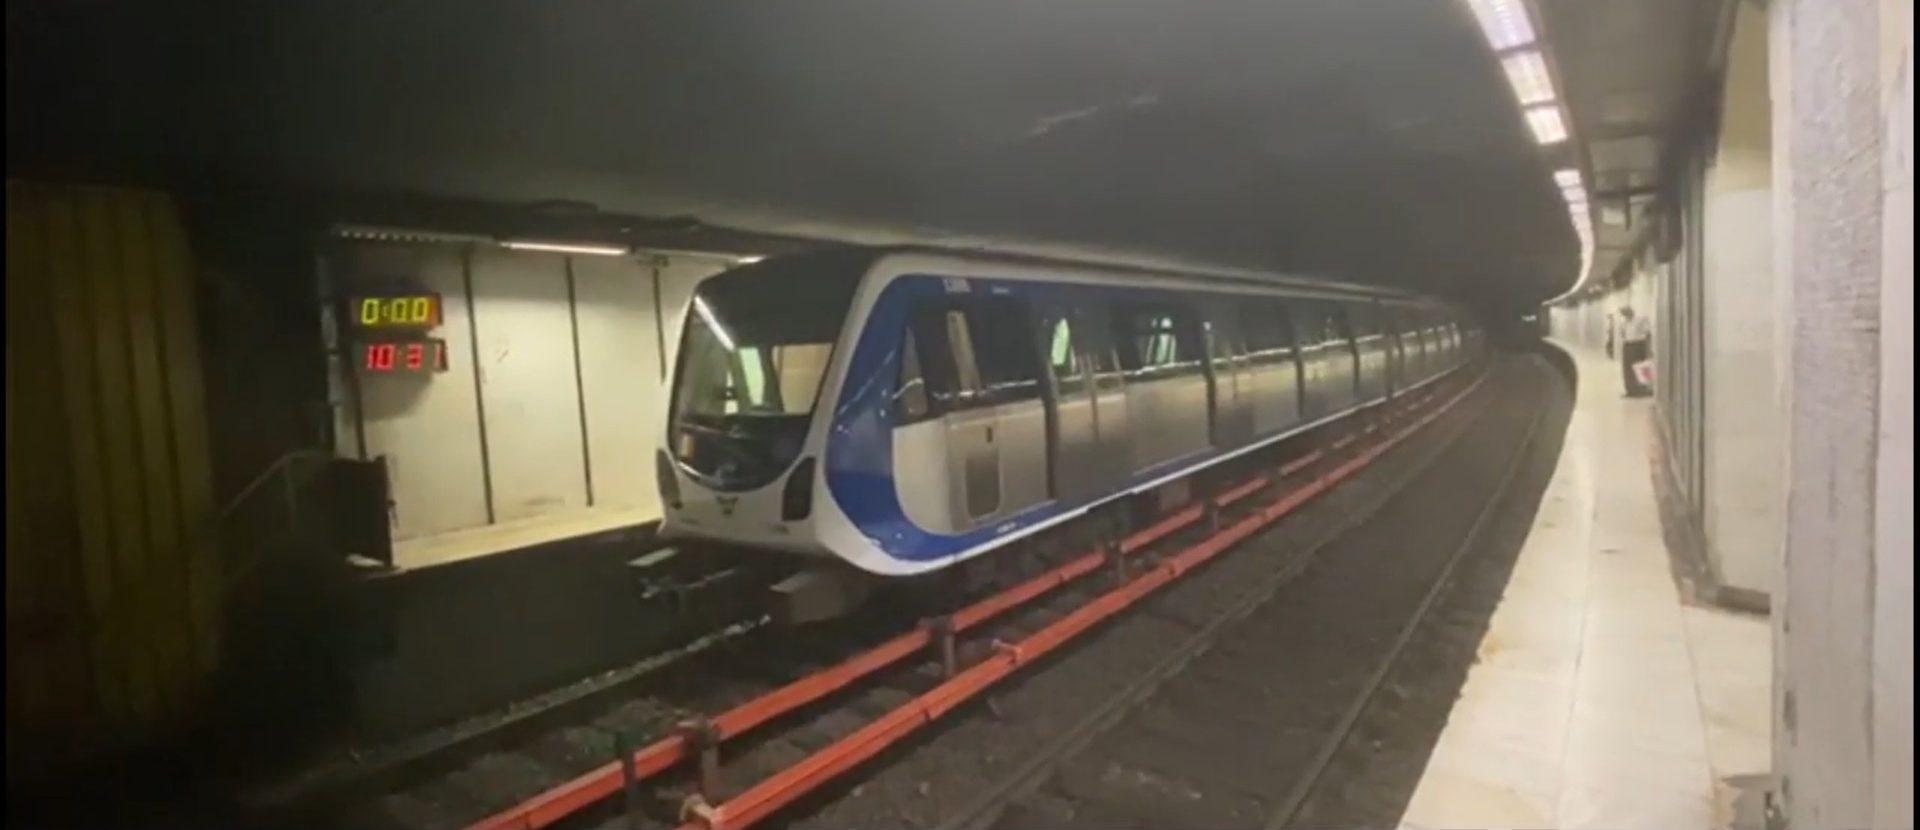 Probleme cu un metrou la Piața Romană. Pasagerii au simțit miros de fum și au fost evacuați